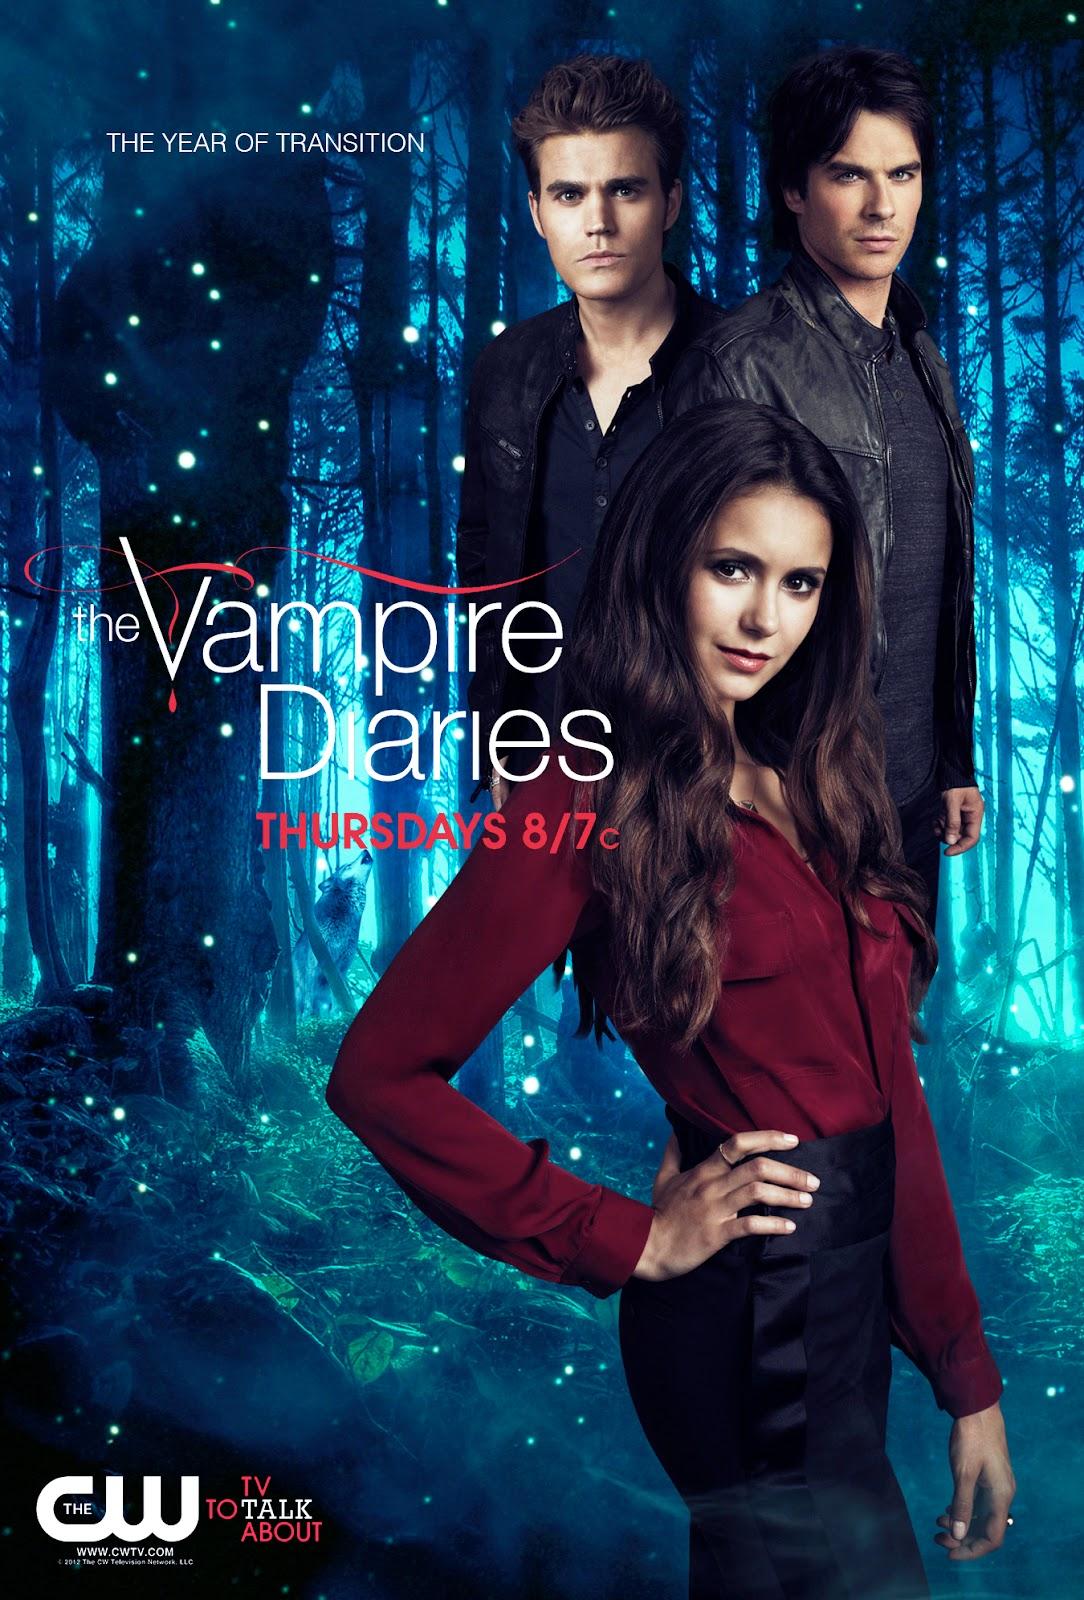 The Vampire Diaries Sezonul 7 Episodul 5 Online Subtitrat in Premiera